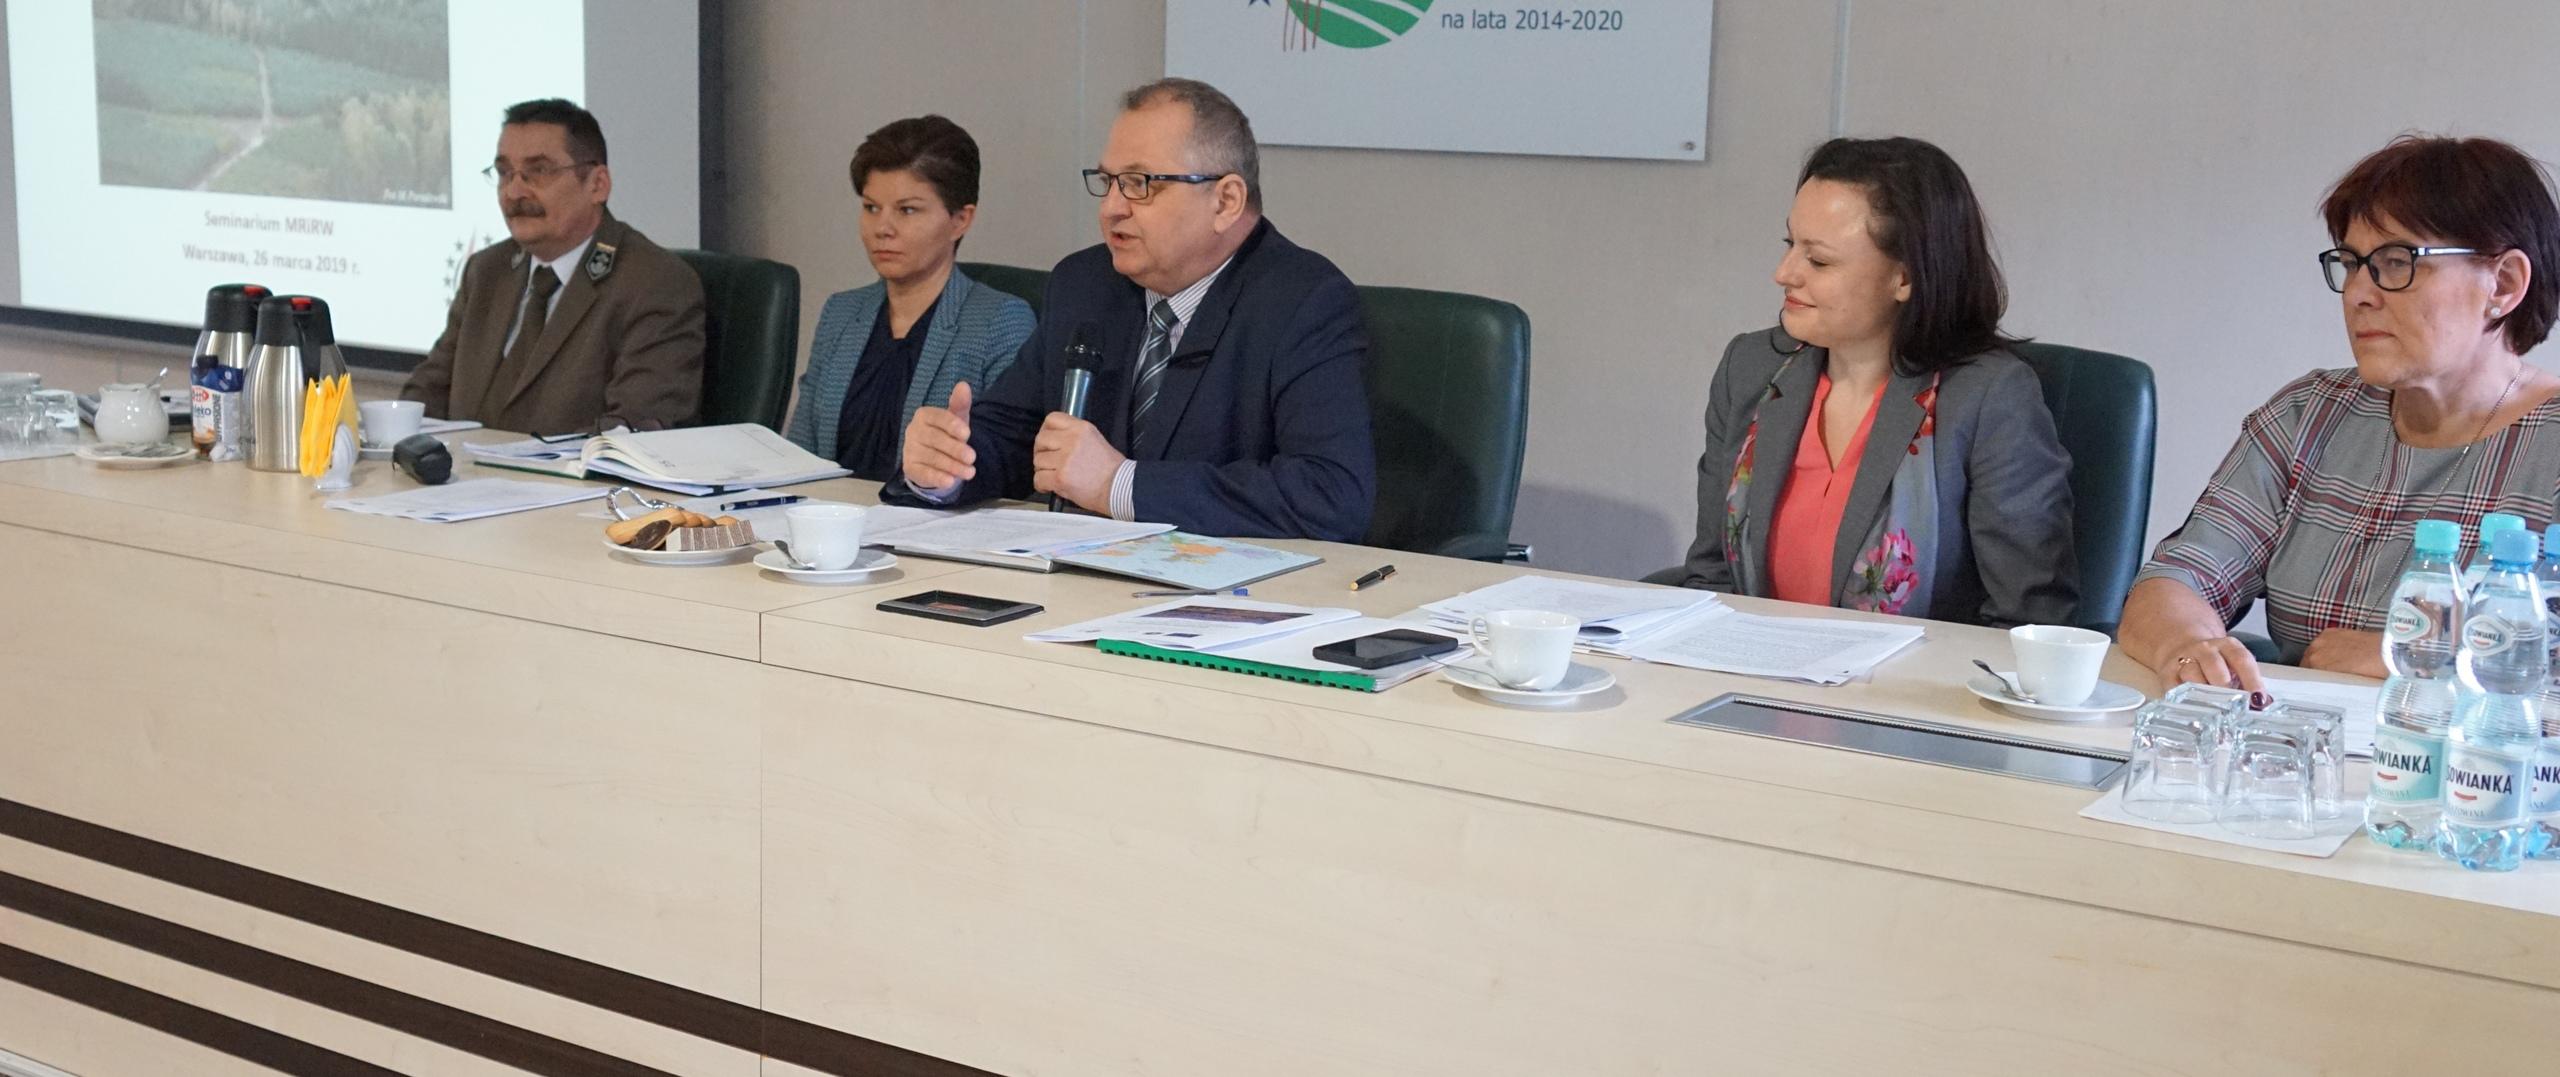 Nowe poddziałanie leśne PROW 2014-2020